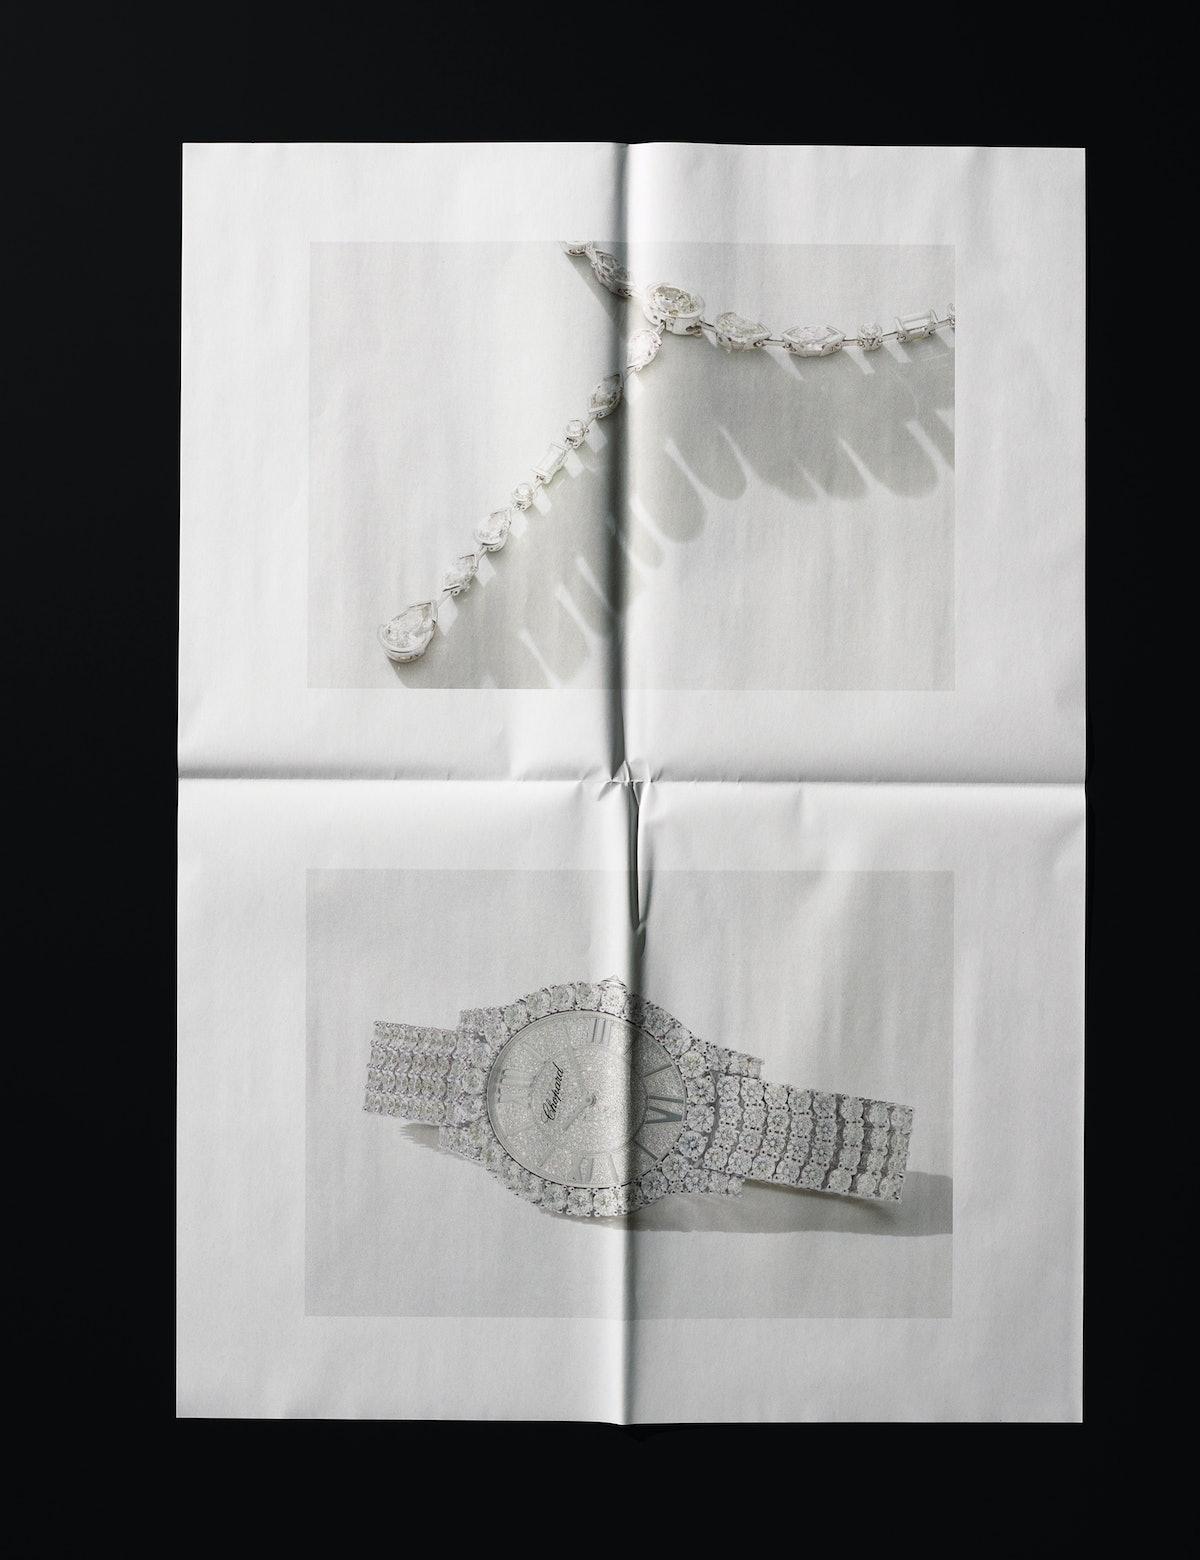 De Beers necklace. Chopard watch.